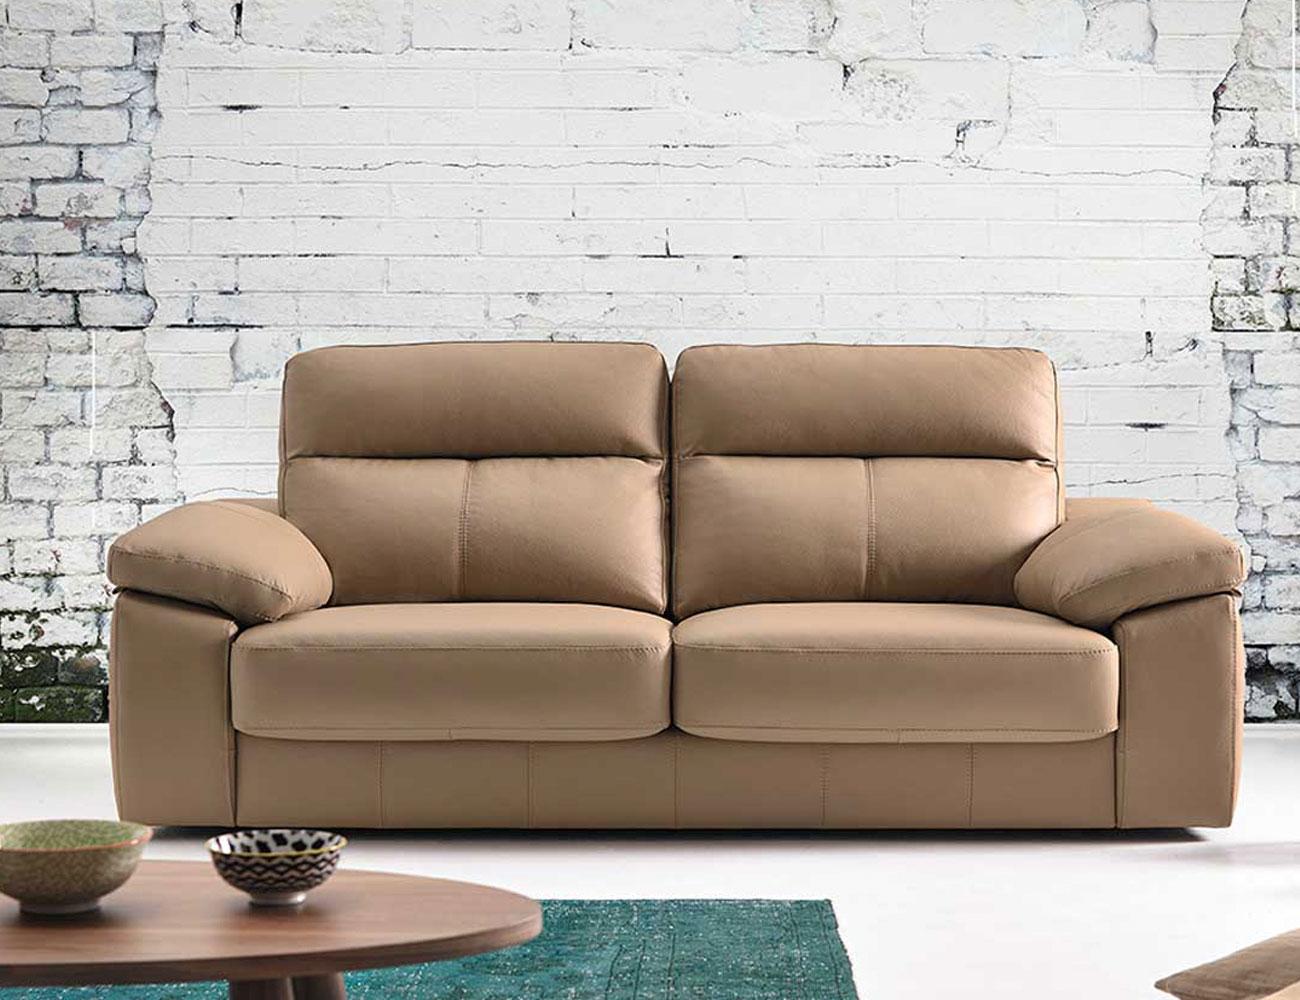 Sofa pedro ortiz piel 3 plazas